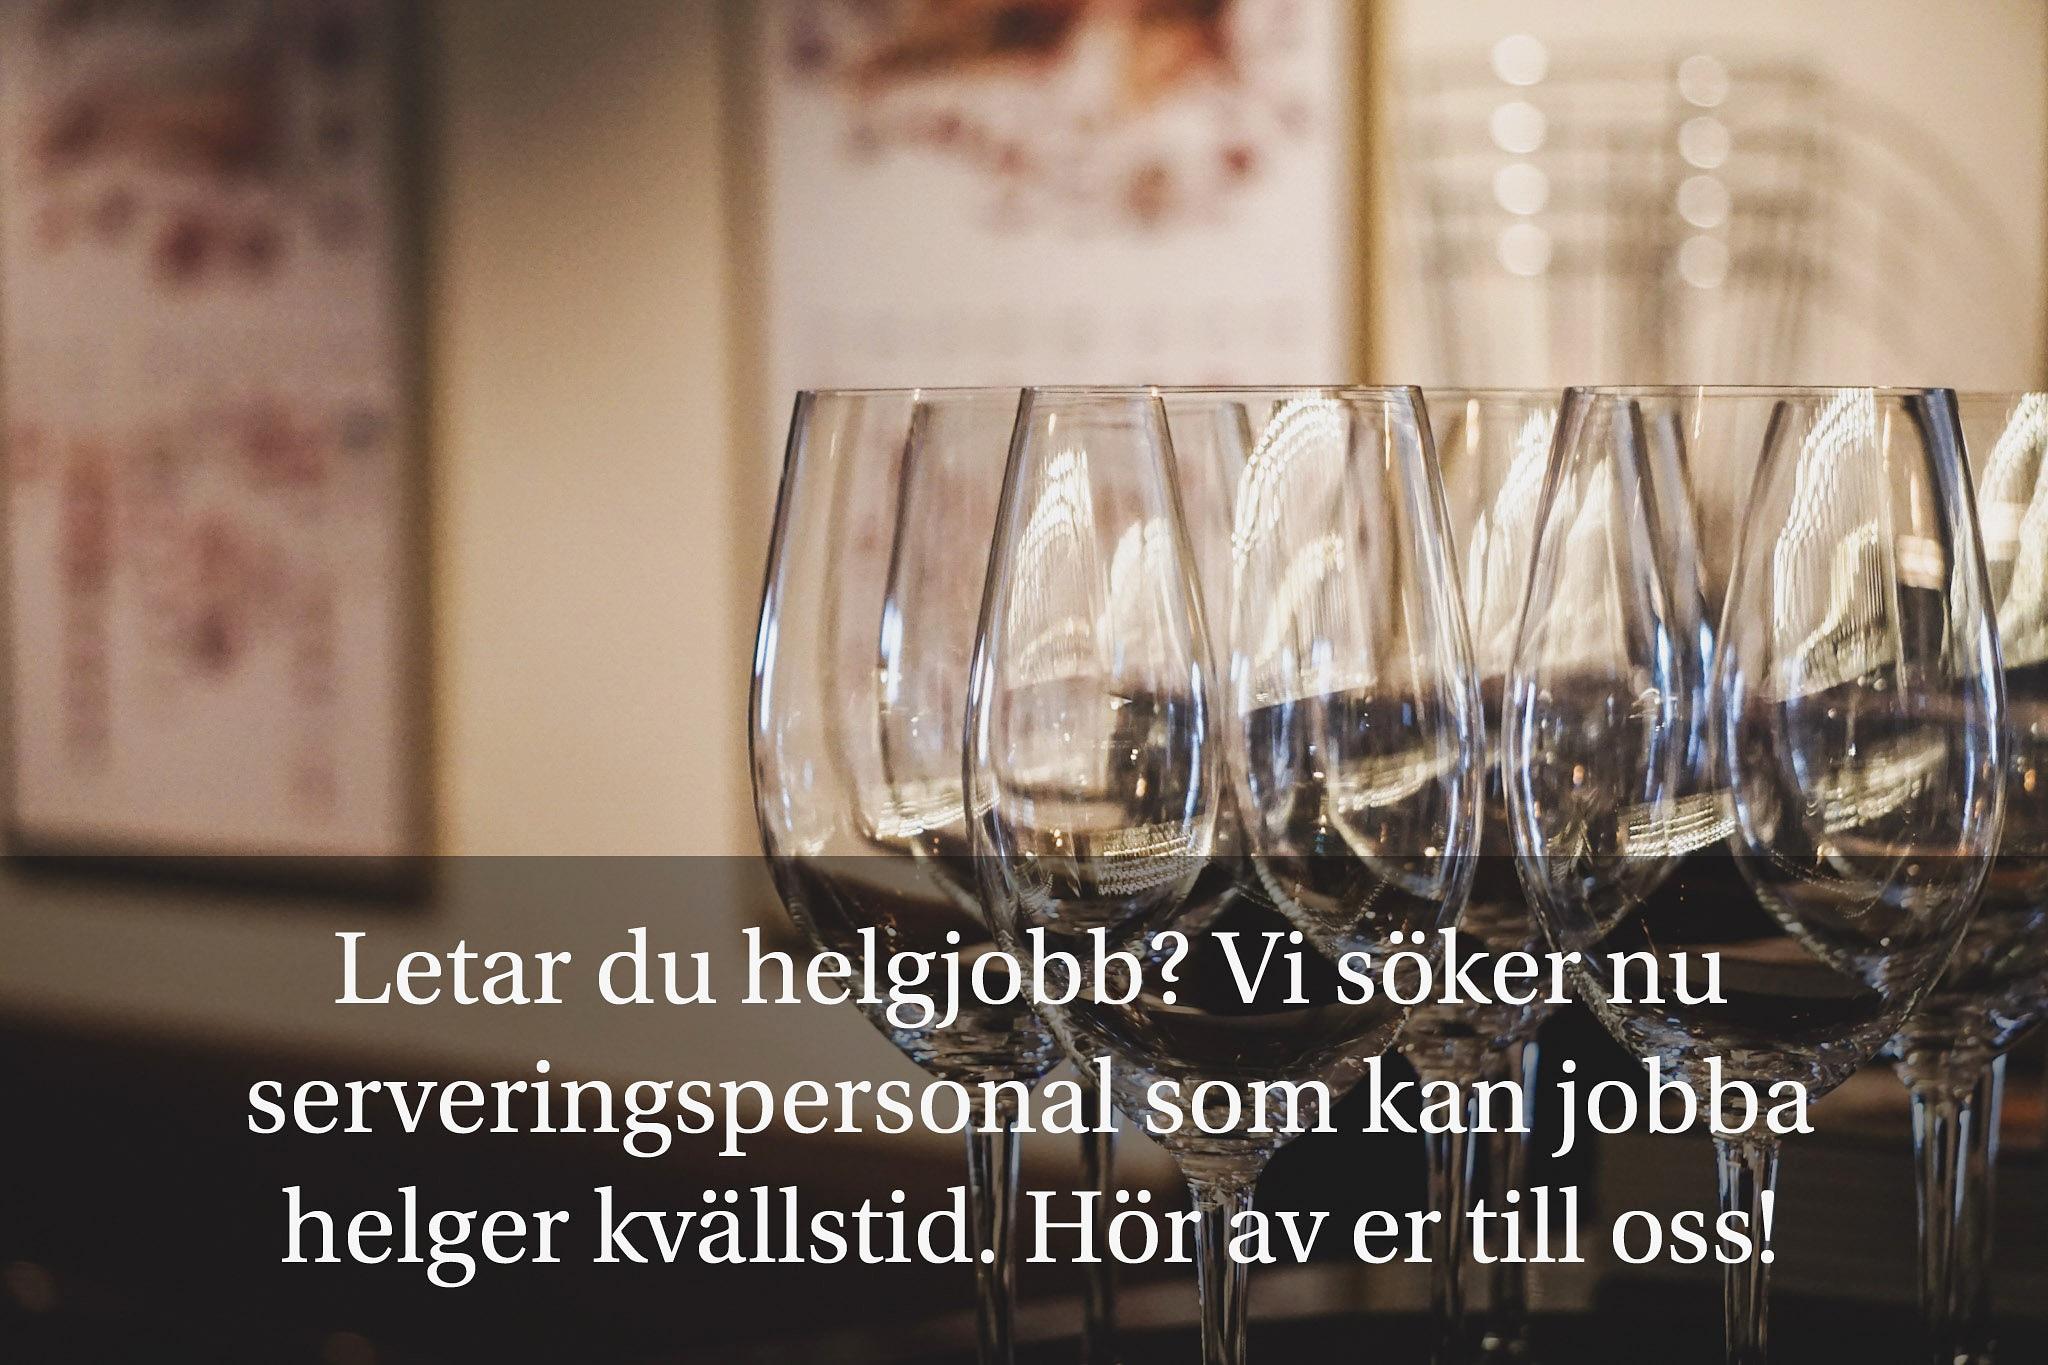 PÅ GÅNG